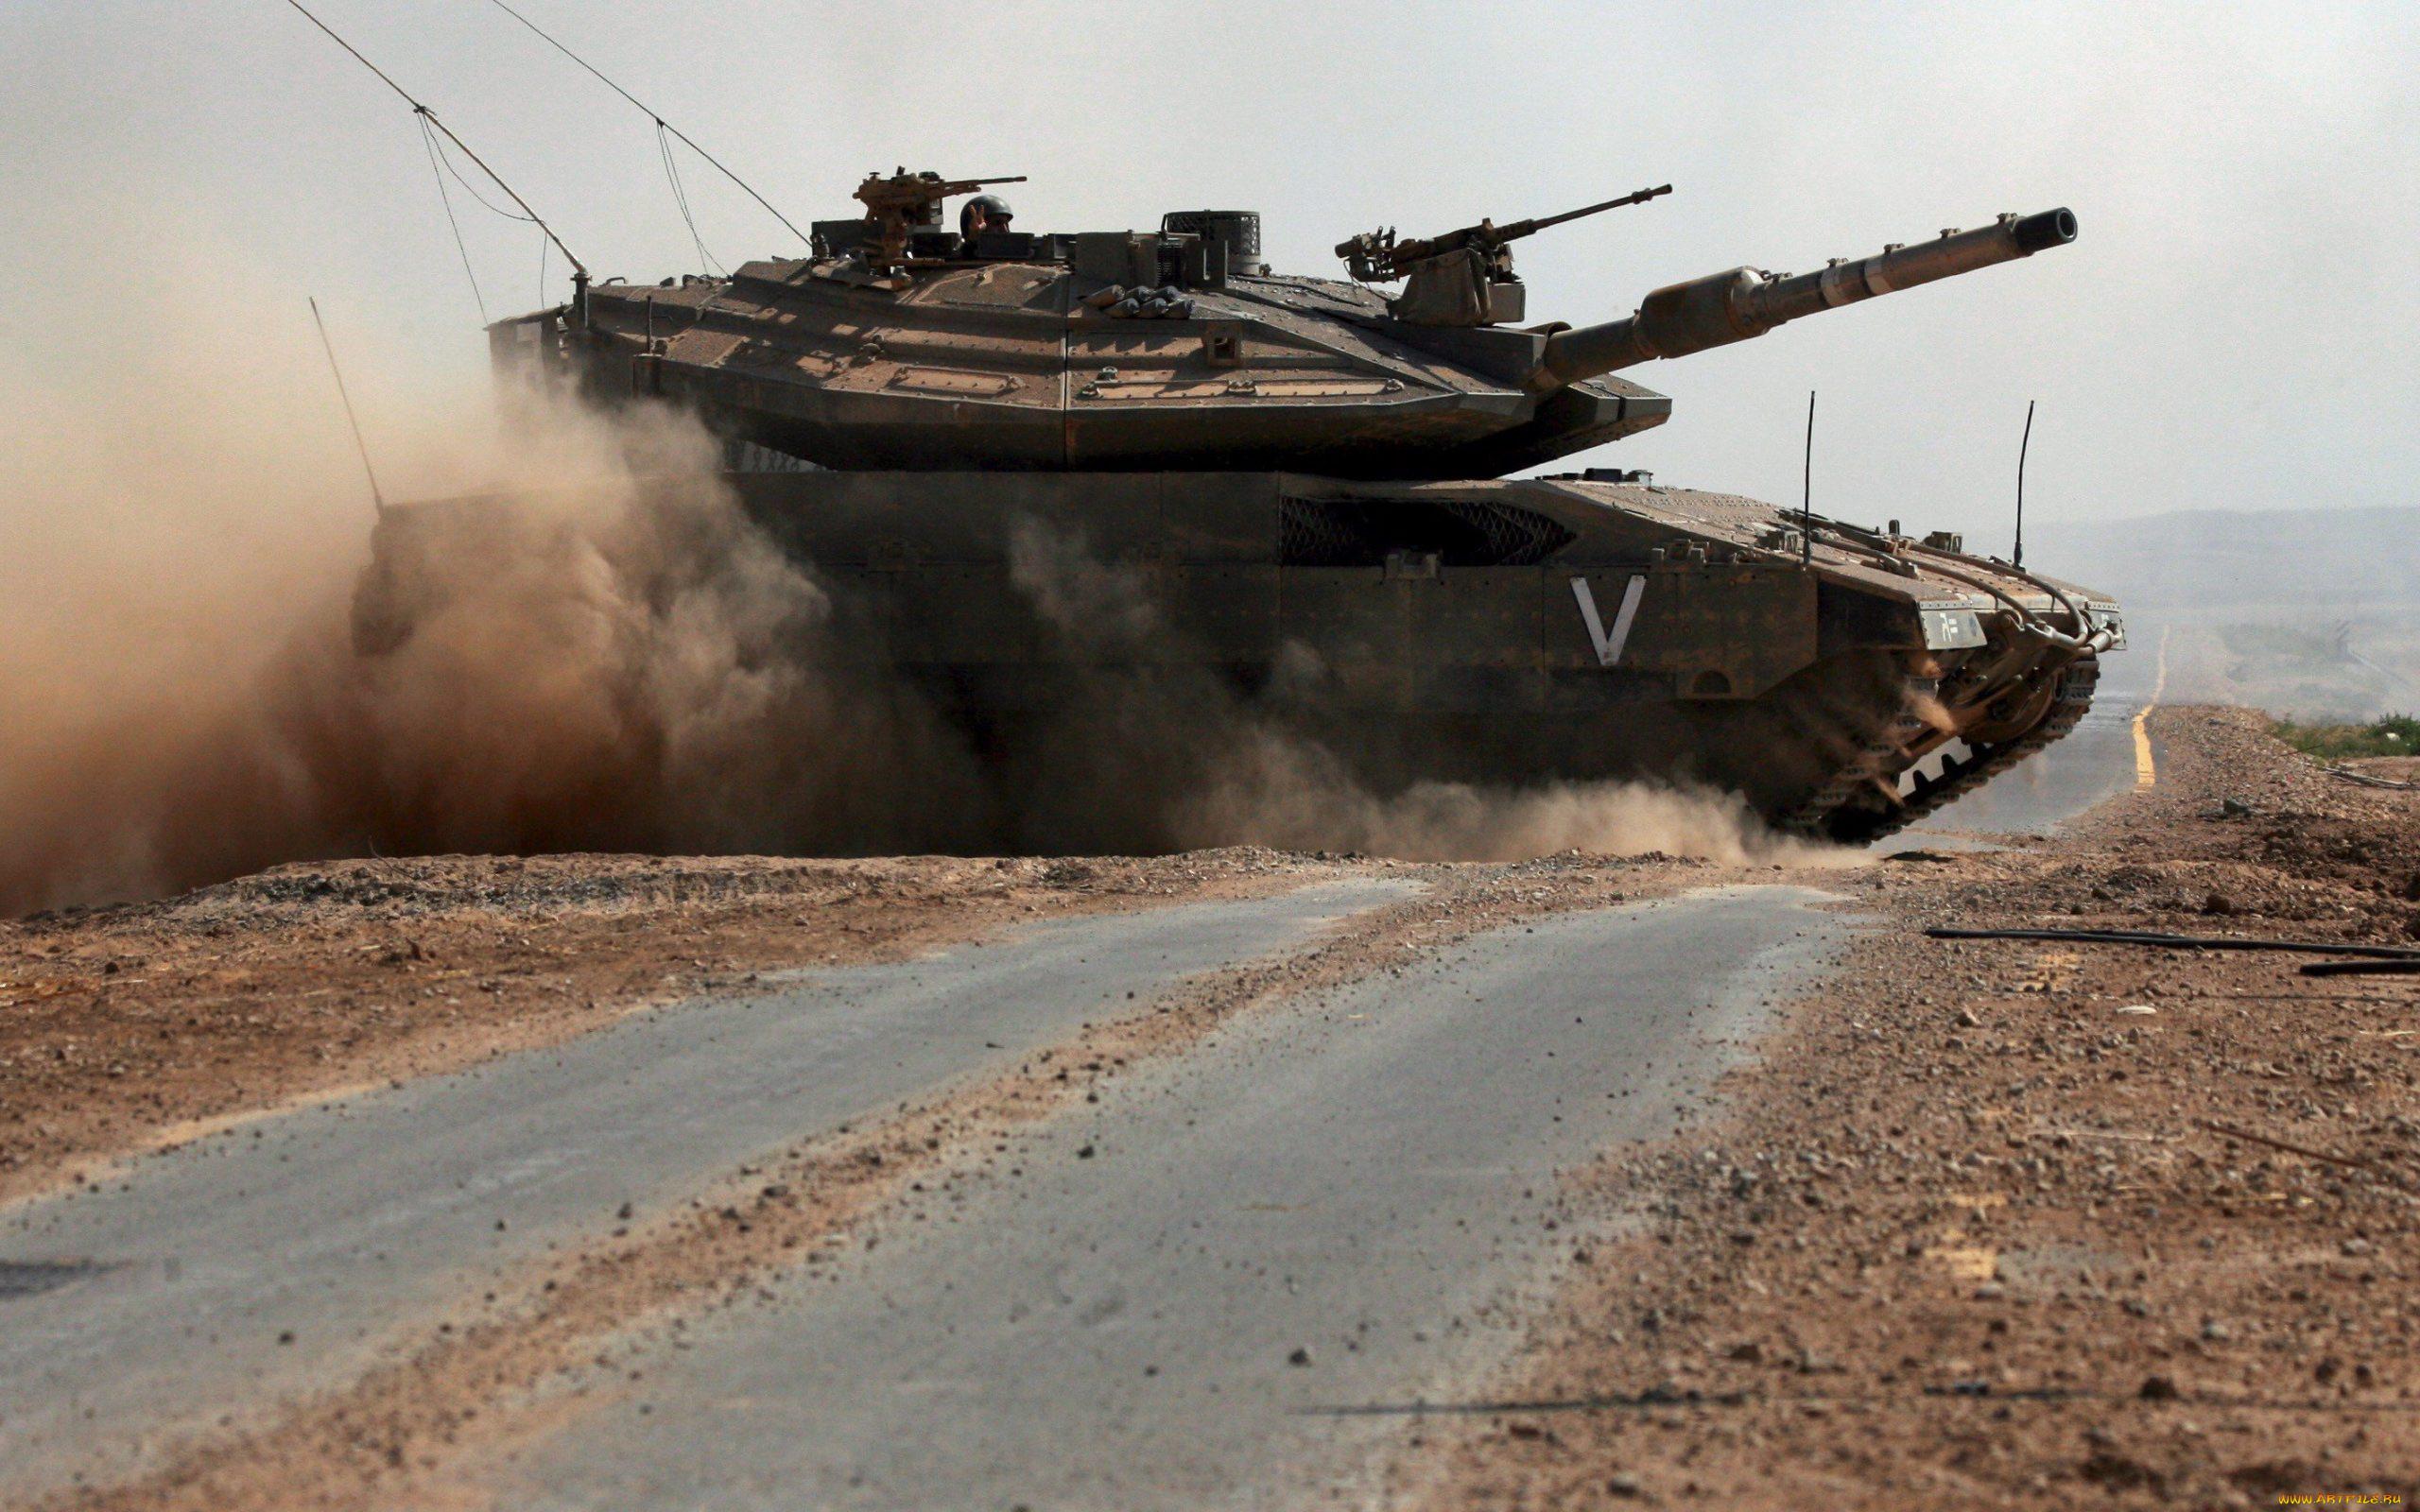 отрезанной трубы, израильские танки картинки образ оперной